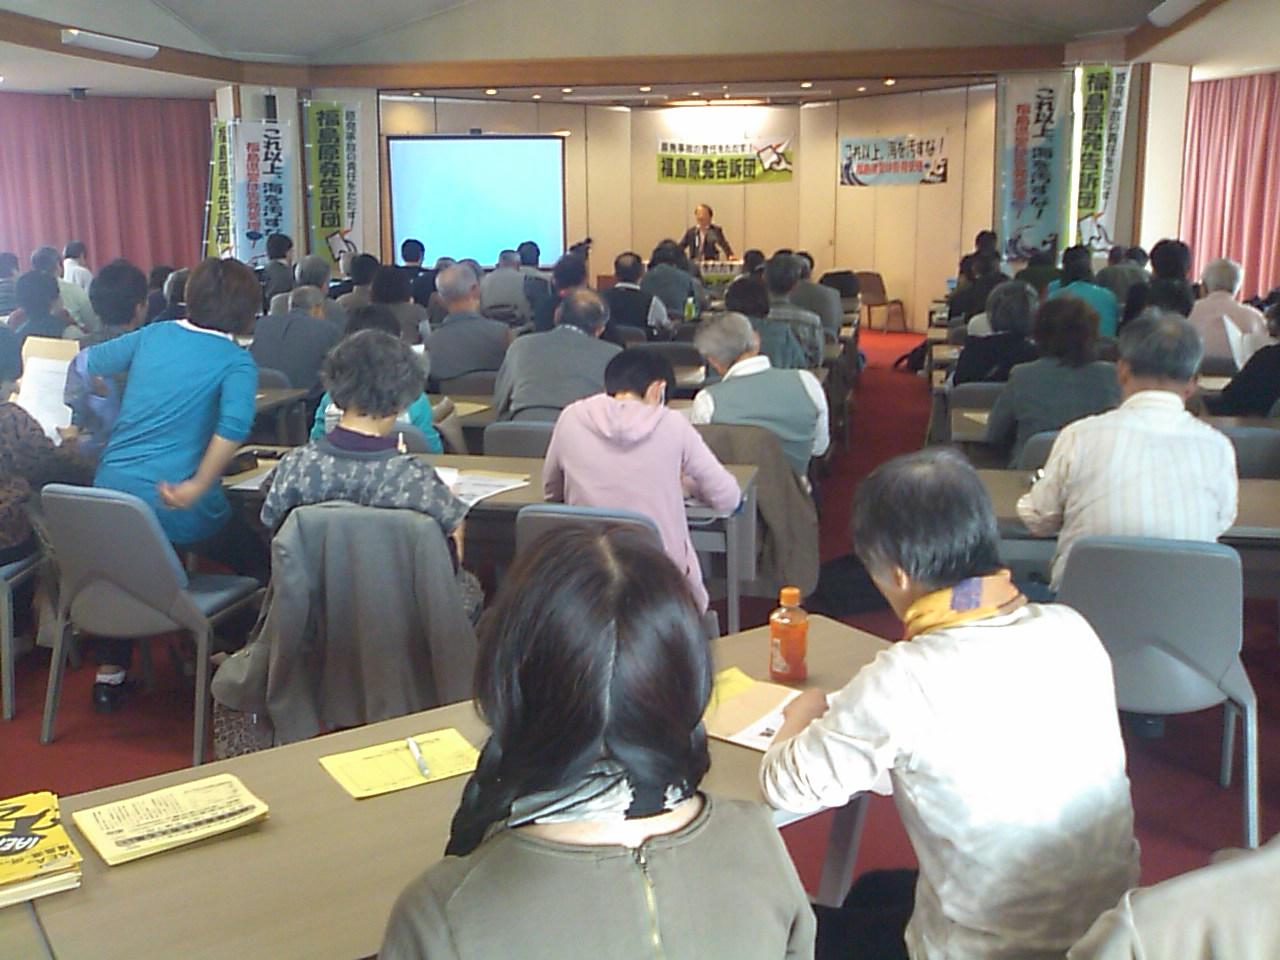 これ以上海を汚すな!強制捜査を!県警に上申書提出_e0068696_6105889.jpg